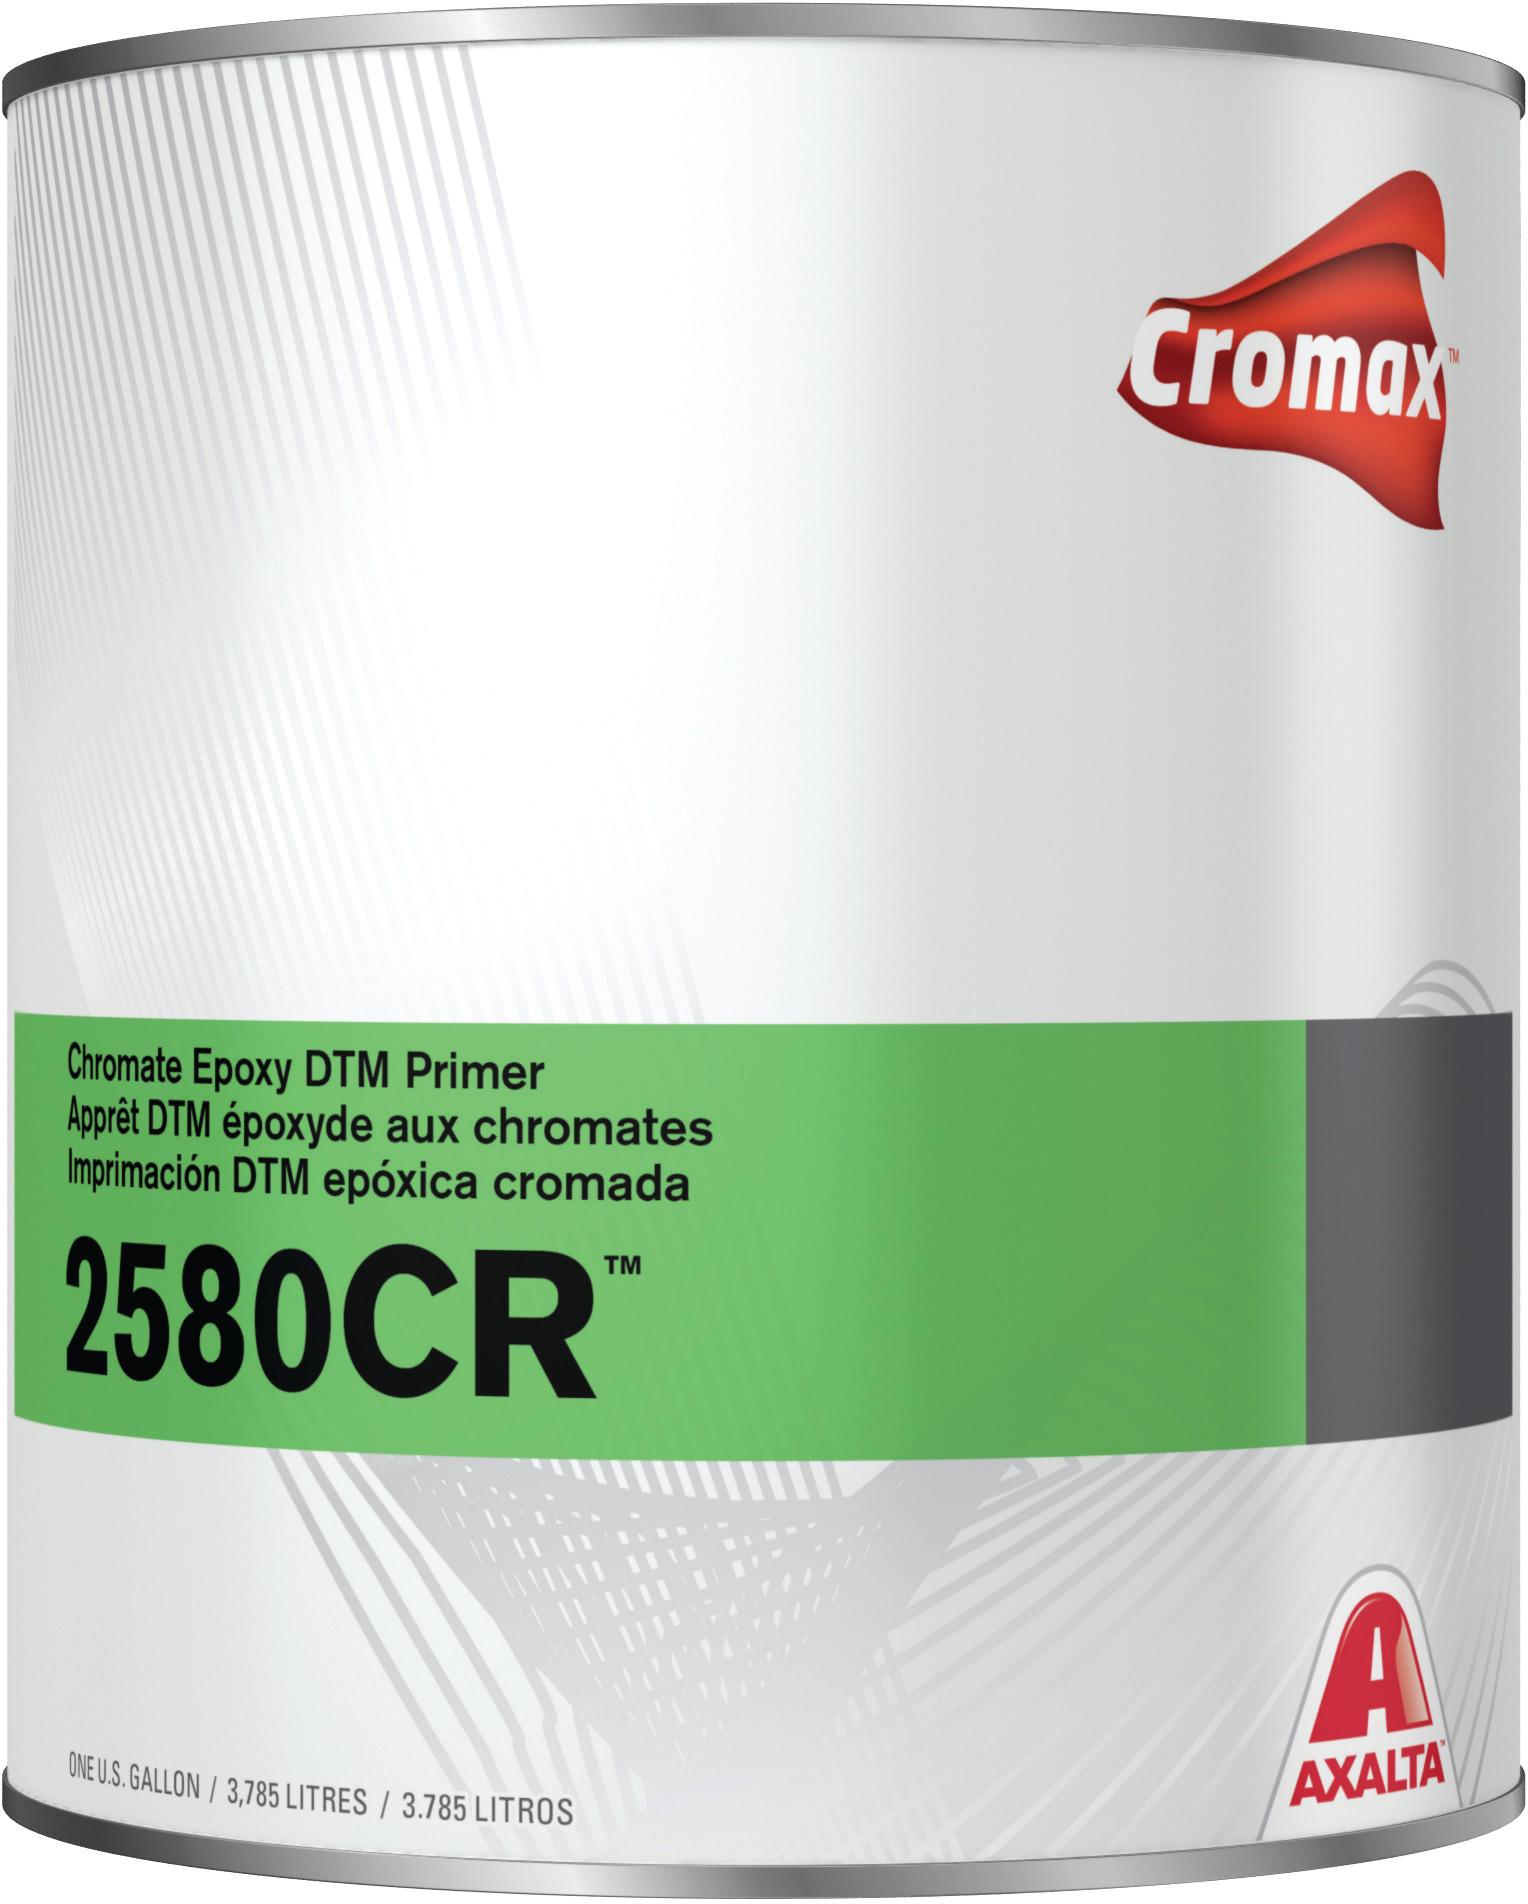 Cromax 2580CR Chromate Epoxy Primer Gallon